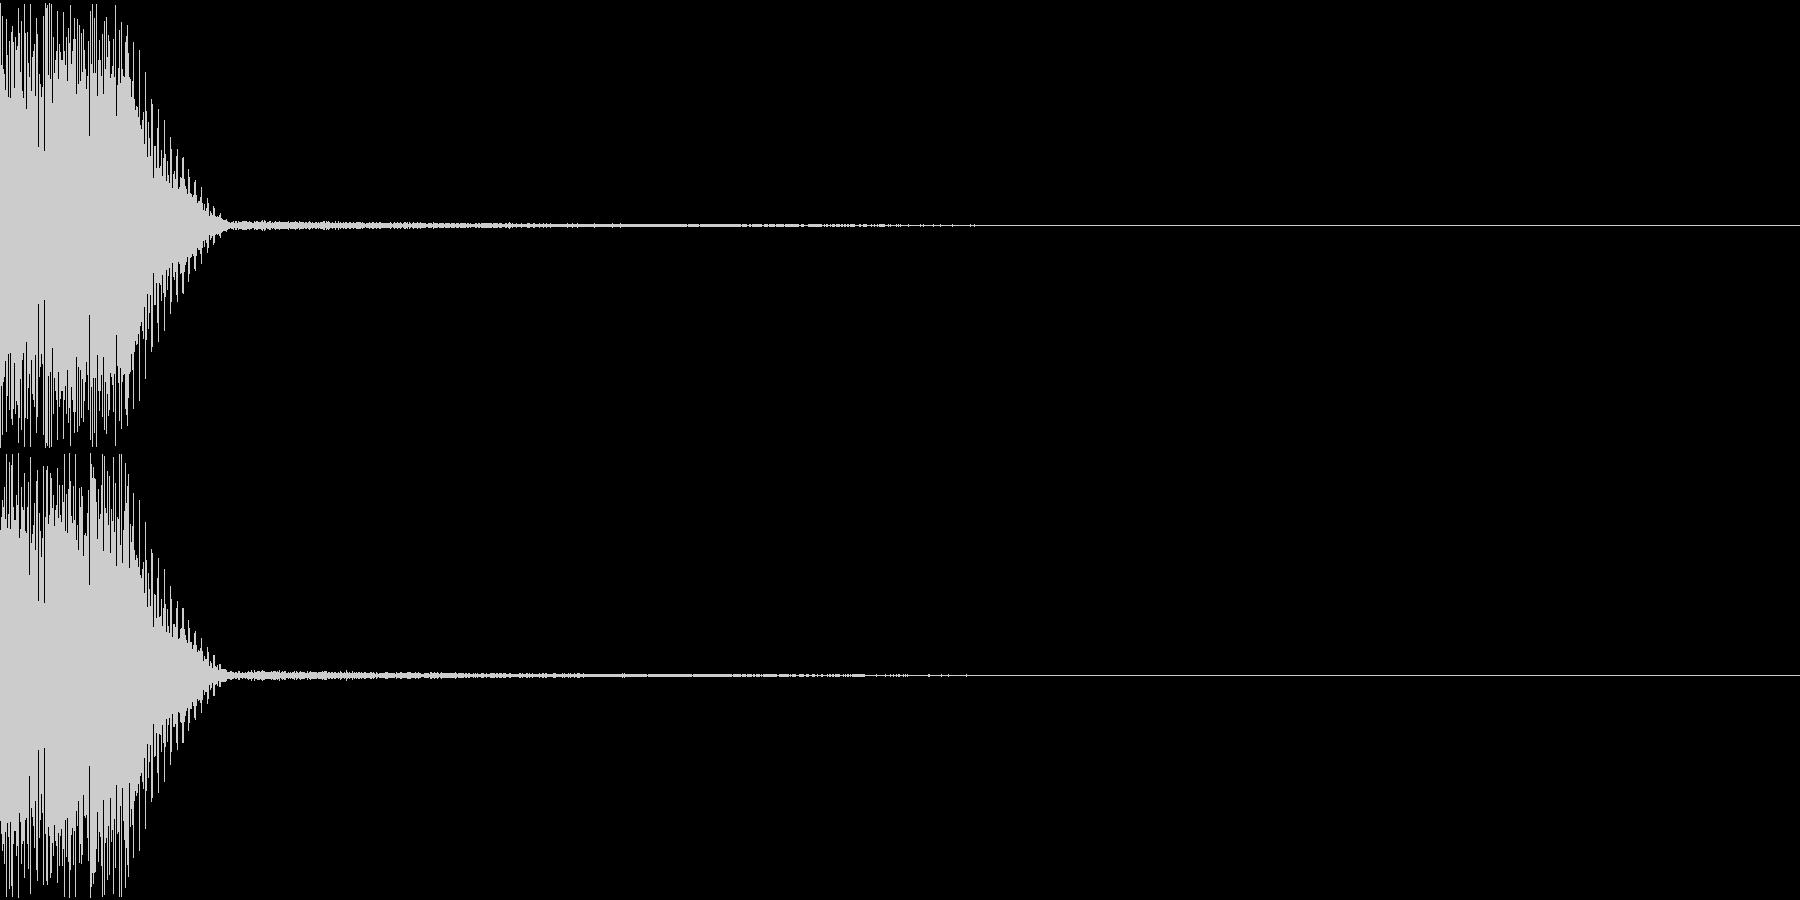 ボタン クリック コイン クレジット 8の未再生の波形